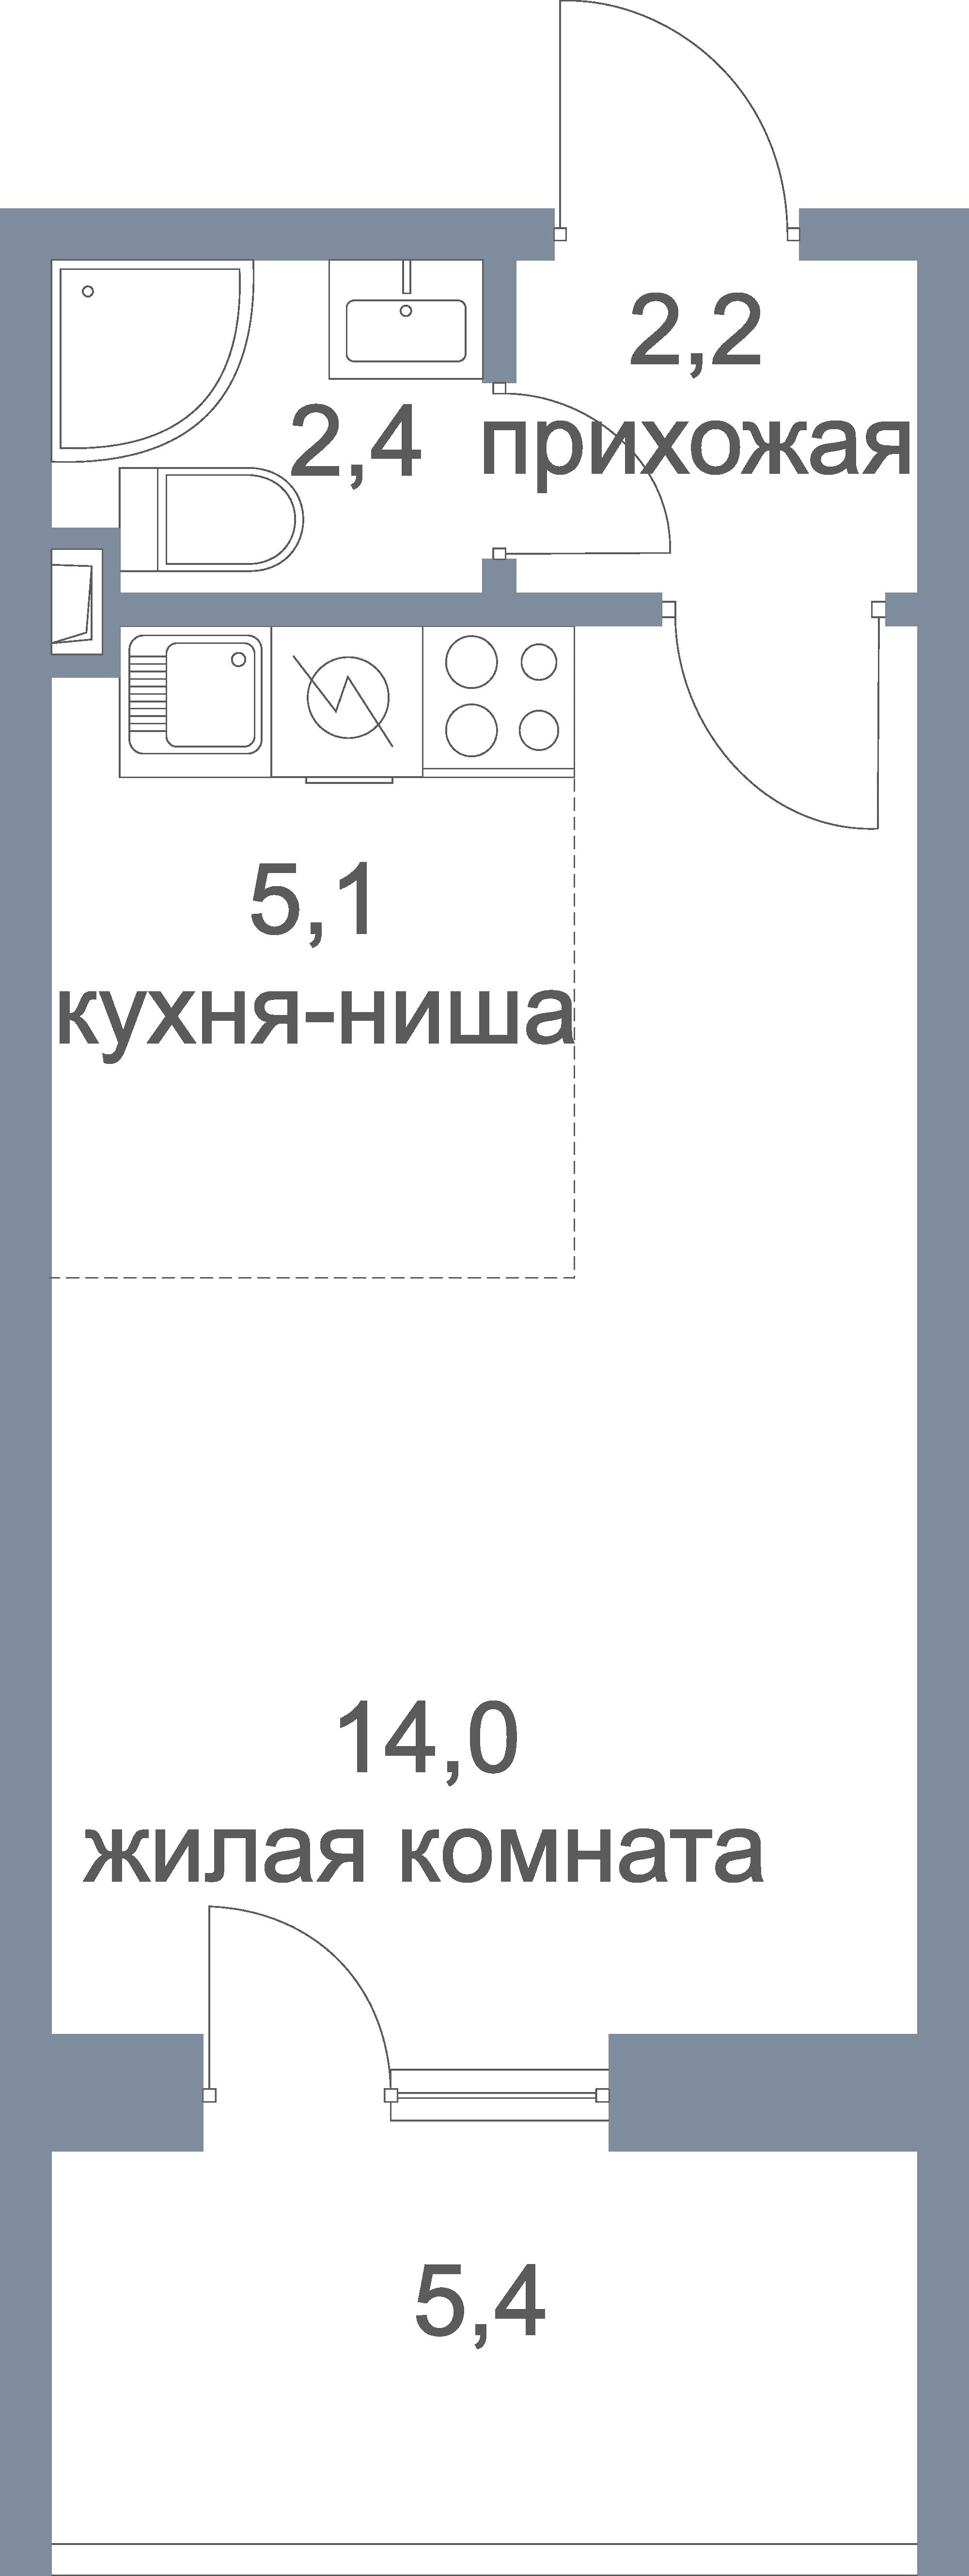 https://pb3241.profitbase.ru/uploads/preset/3241/5d0ca04f0670c.png